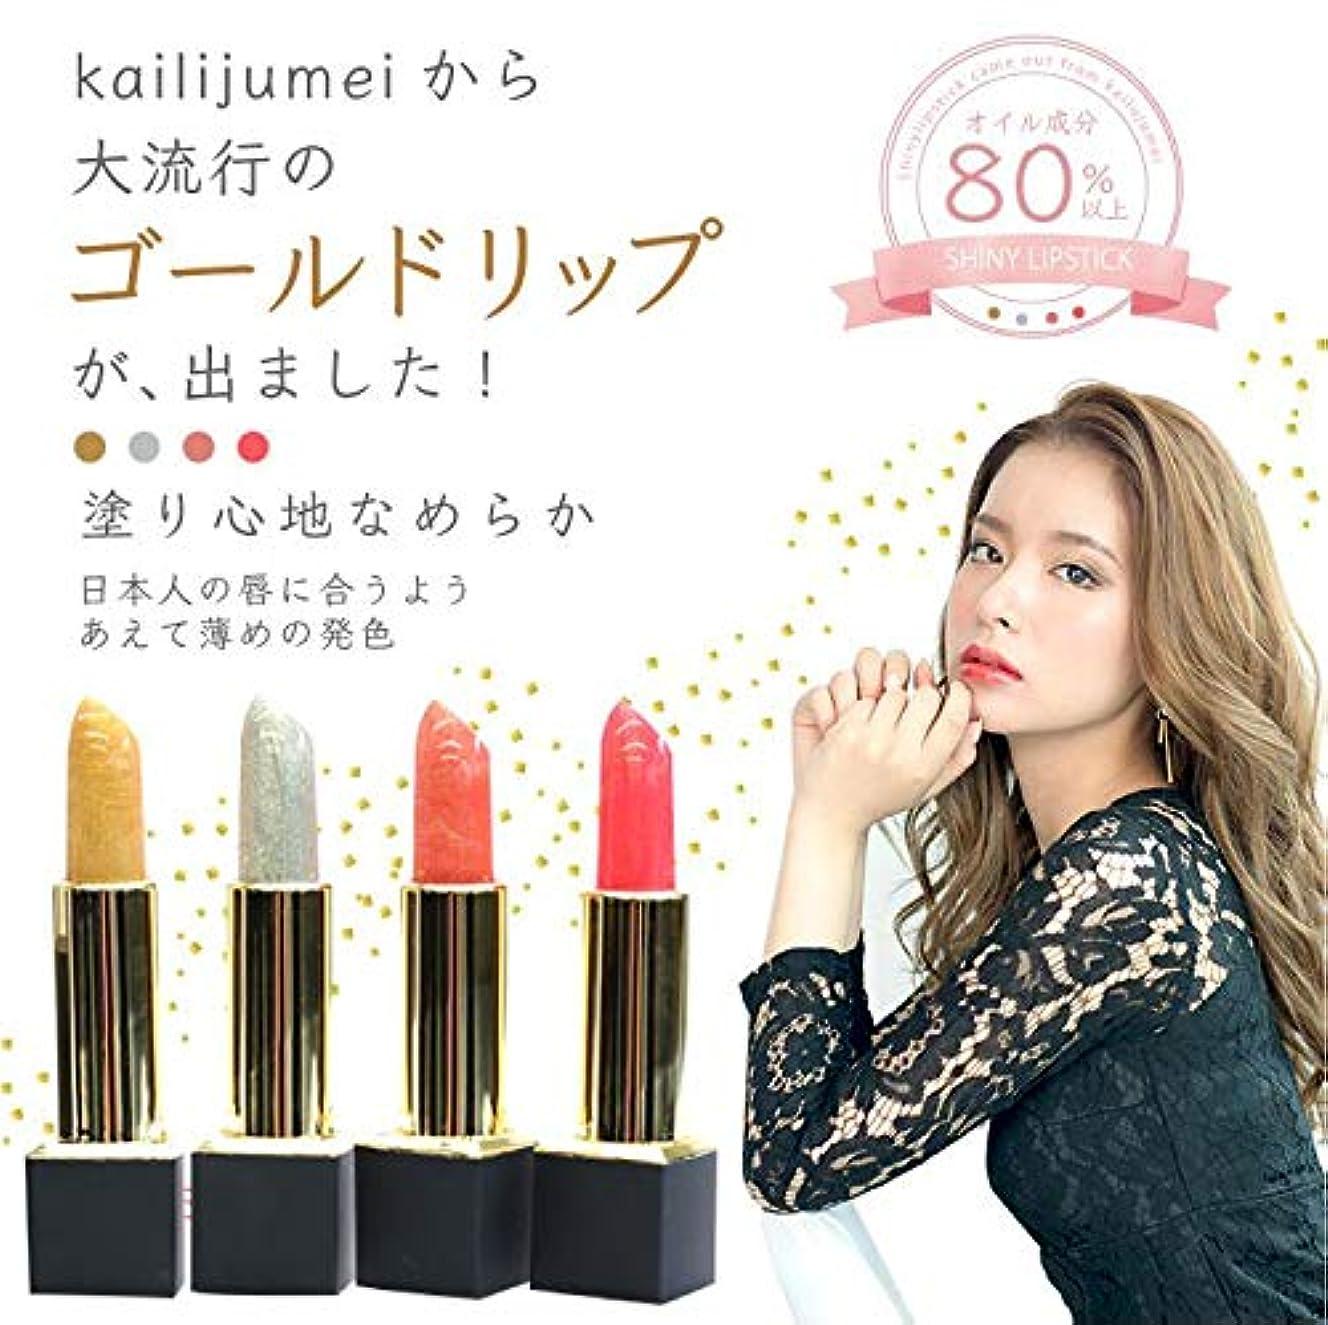 スリンク素晴らしいです柔らかさKailijumei シャイニーリップ ひと塗りでゴージャスな唇へ ゴールドリップ 口紅 (コーラルレッド)